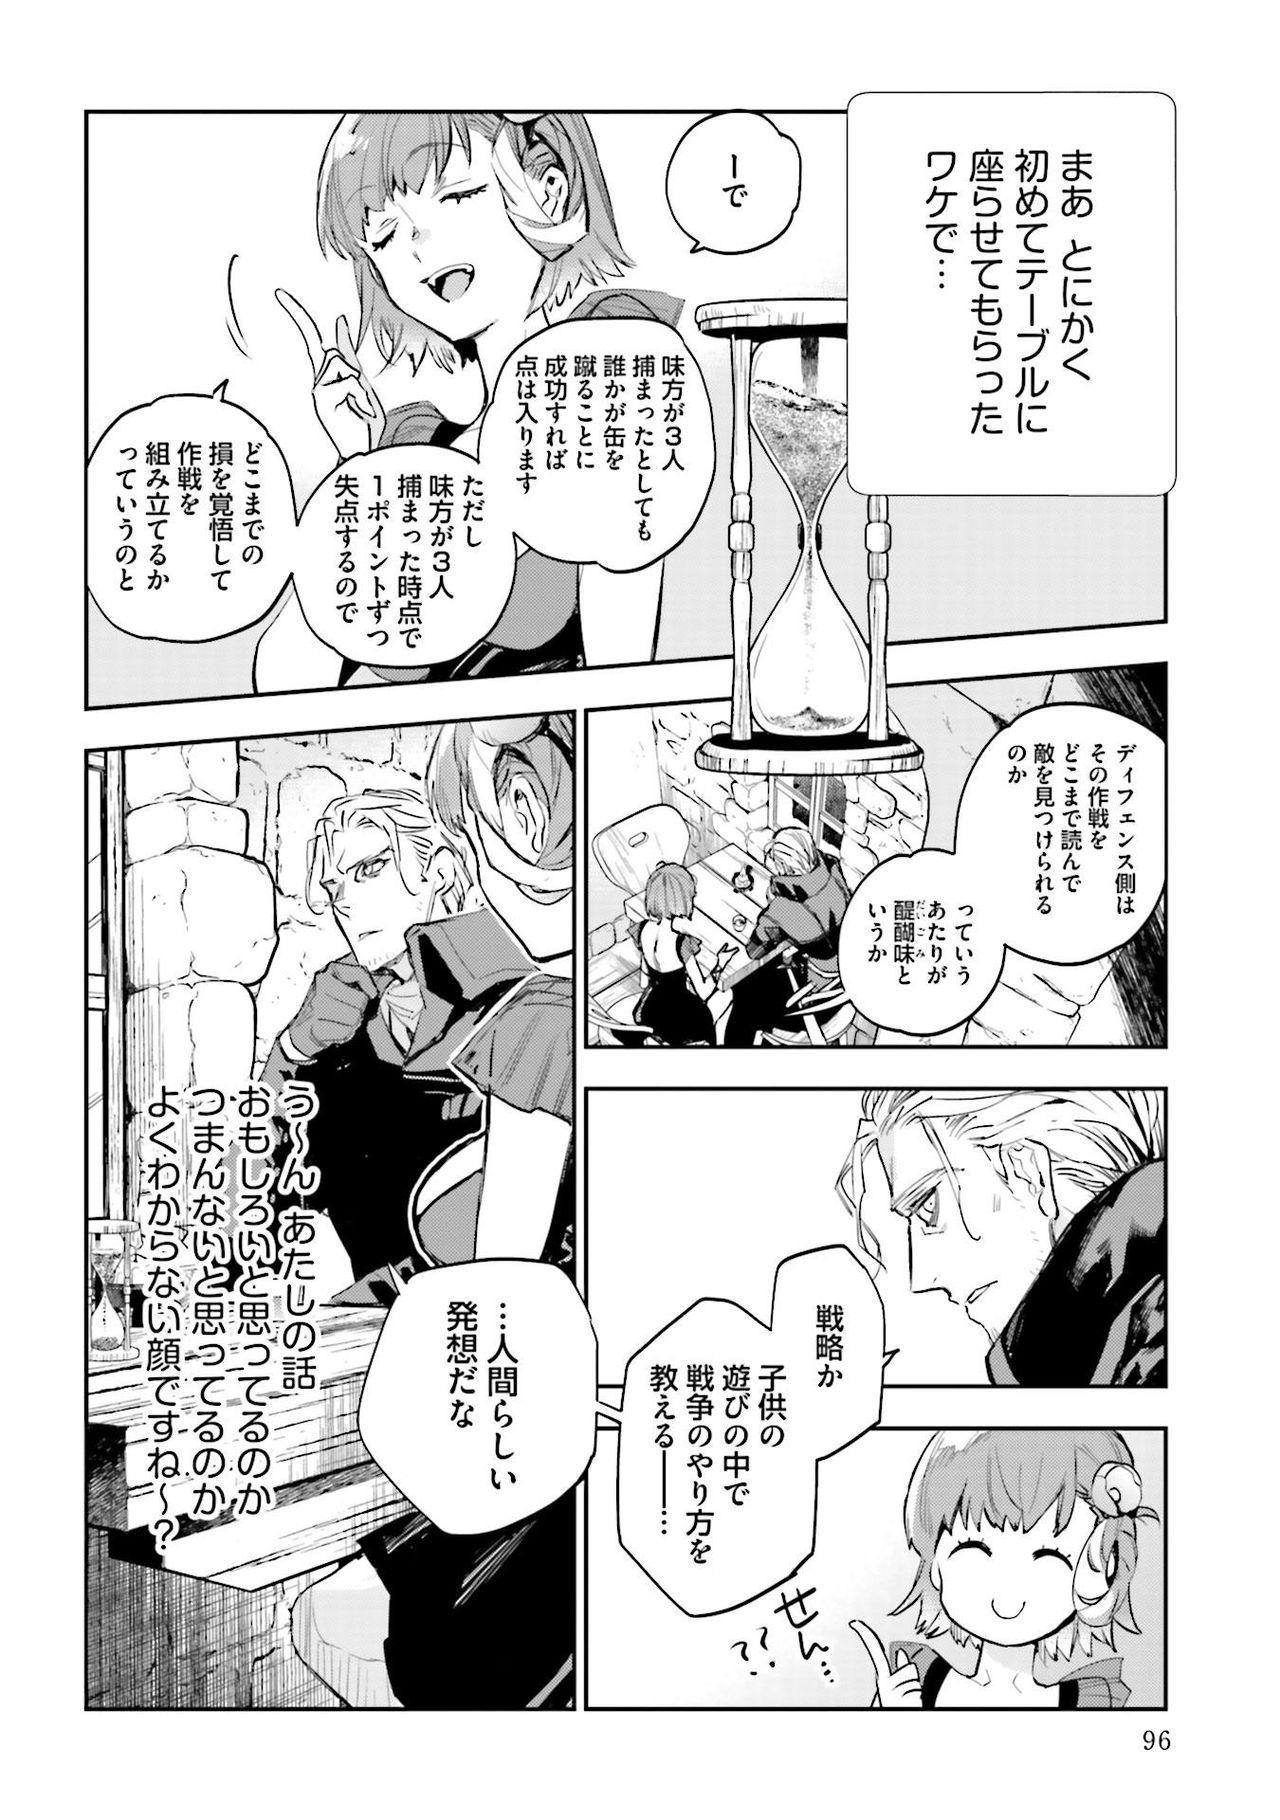 JK Haru wa Isekai de Shoufu ni Natta 1-14 455